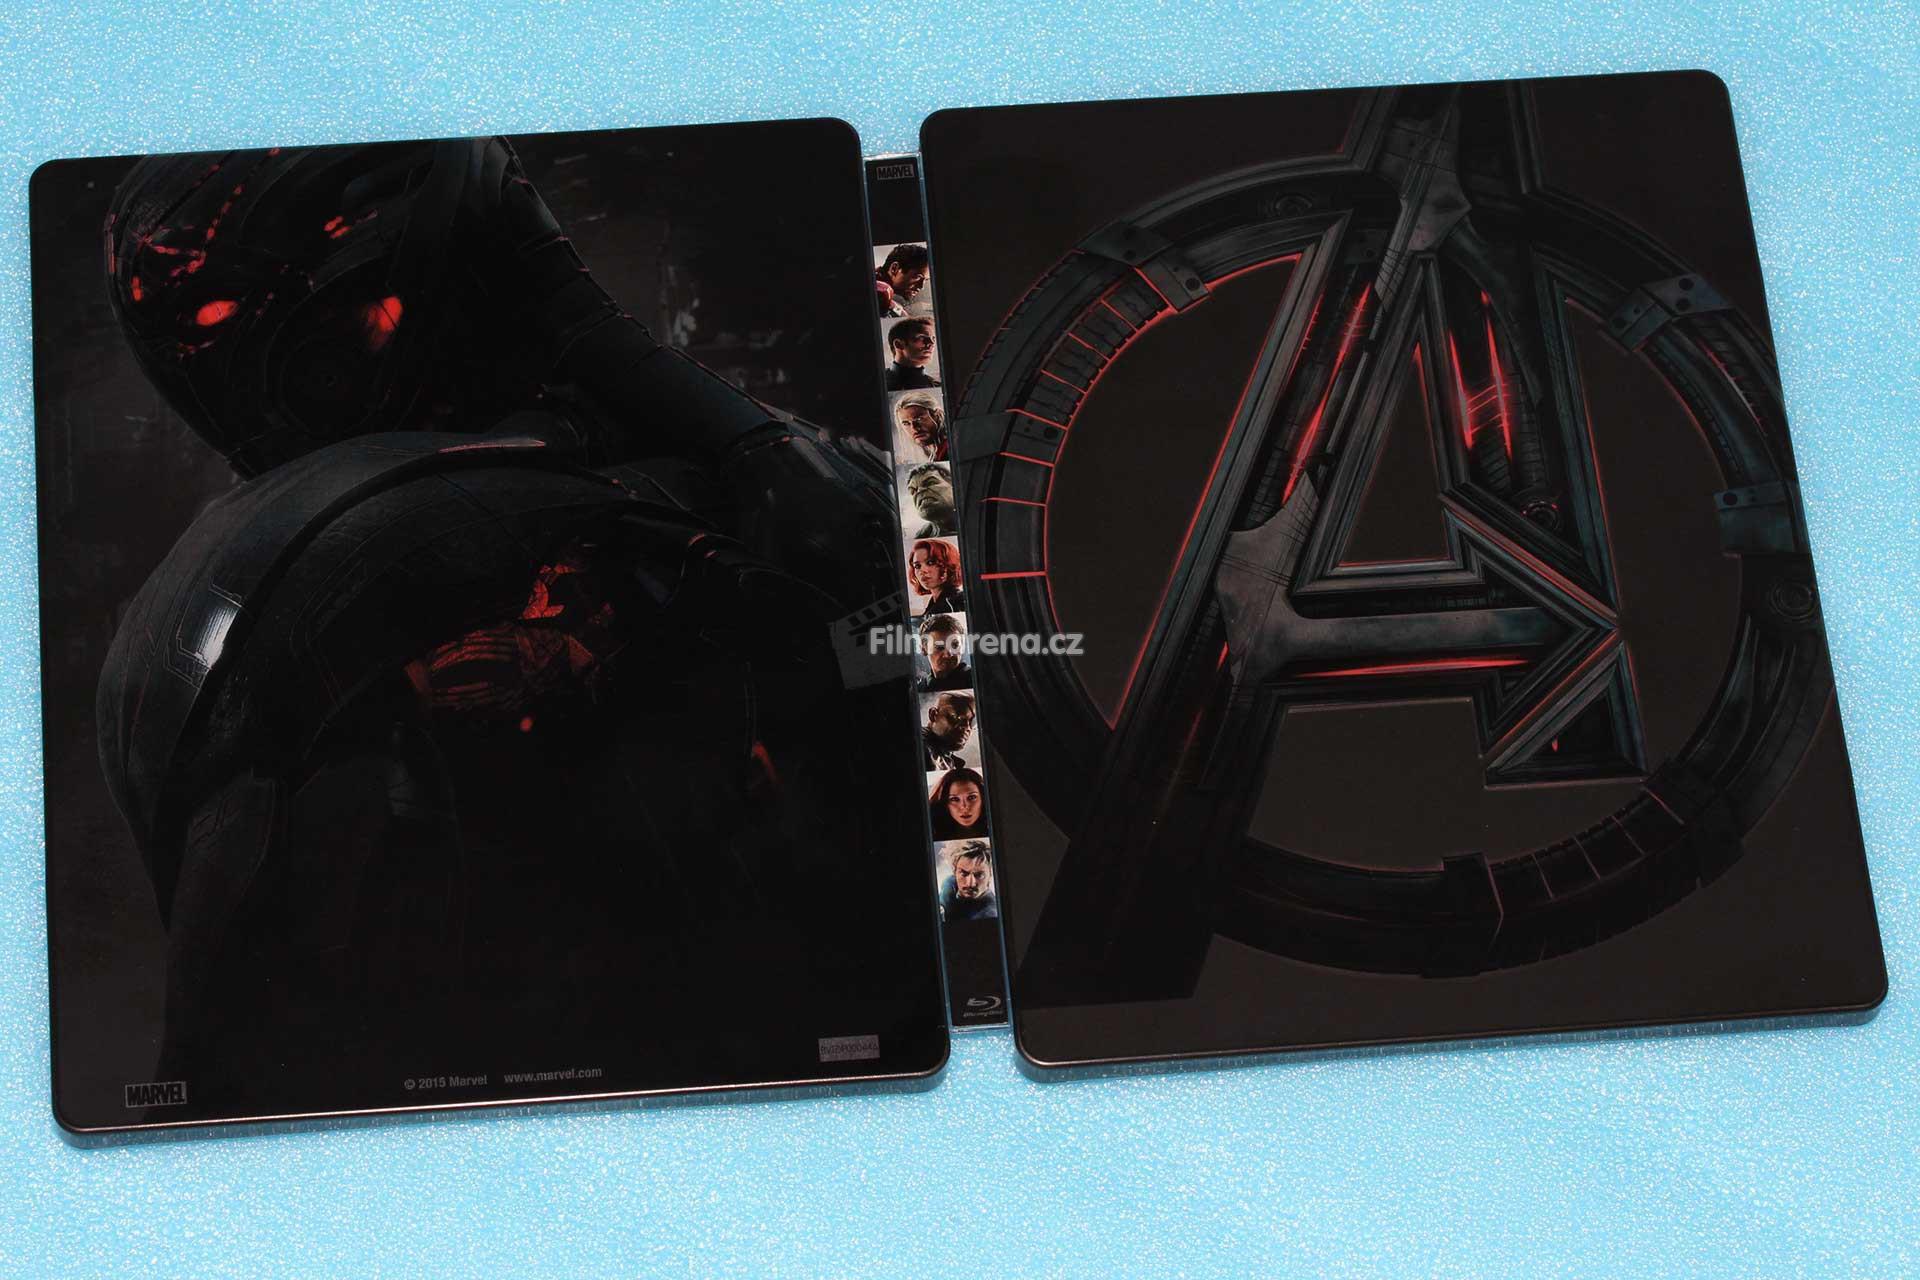 http://www.filmarena.cz/upload/images/nazivo/Avengers_2/avengers_03.jpg